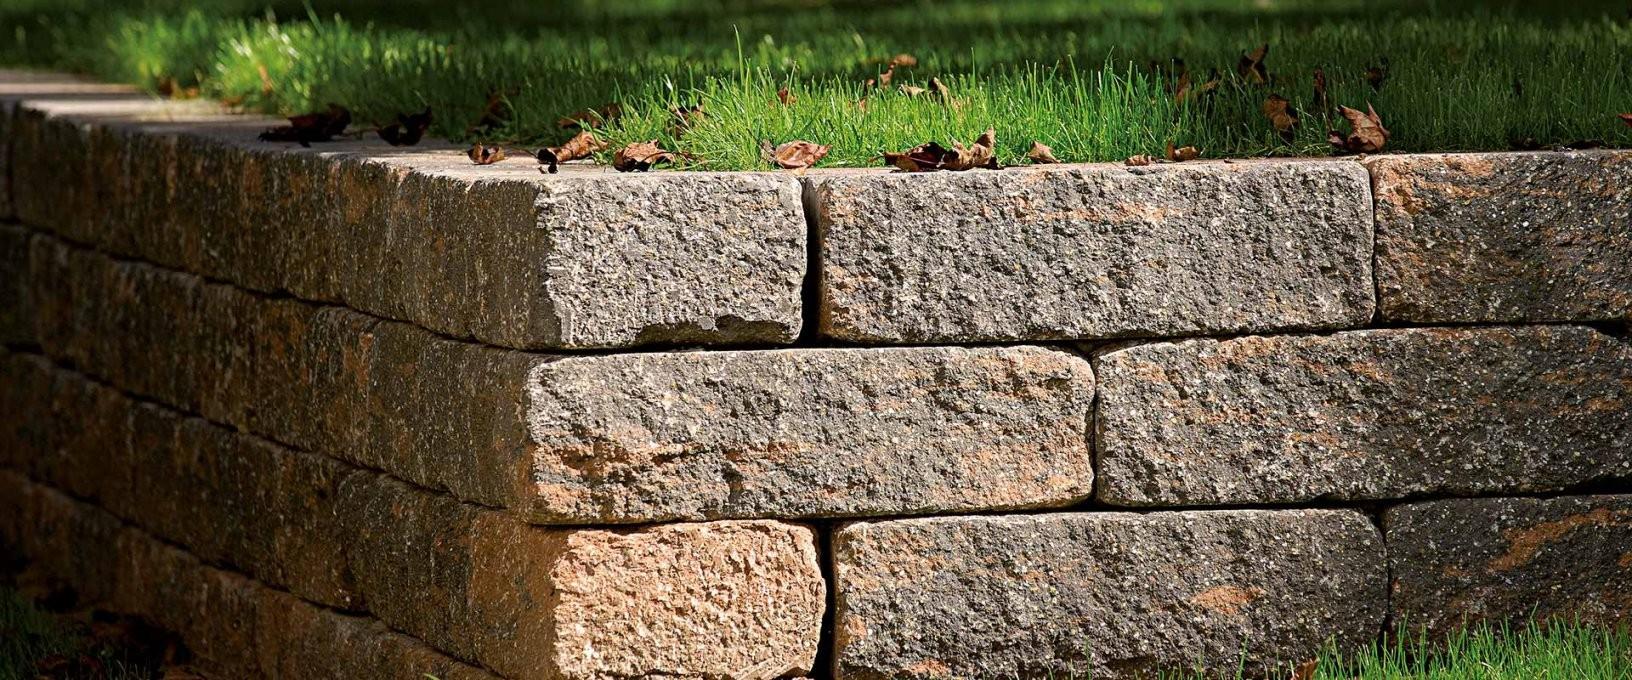 Gerwing  Pflastersteine Terrassenplatten Mauersteine Für Ihren Garten von Große Steine Für Garten Preise Bild